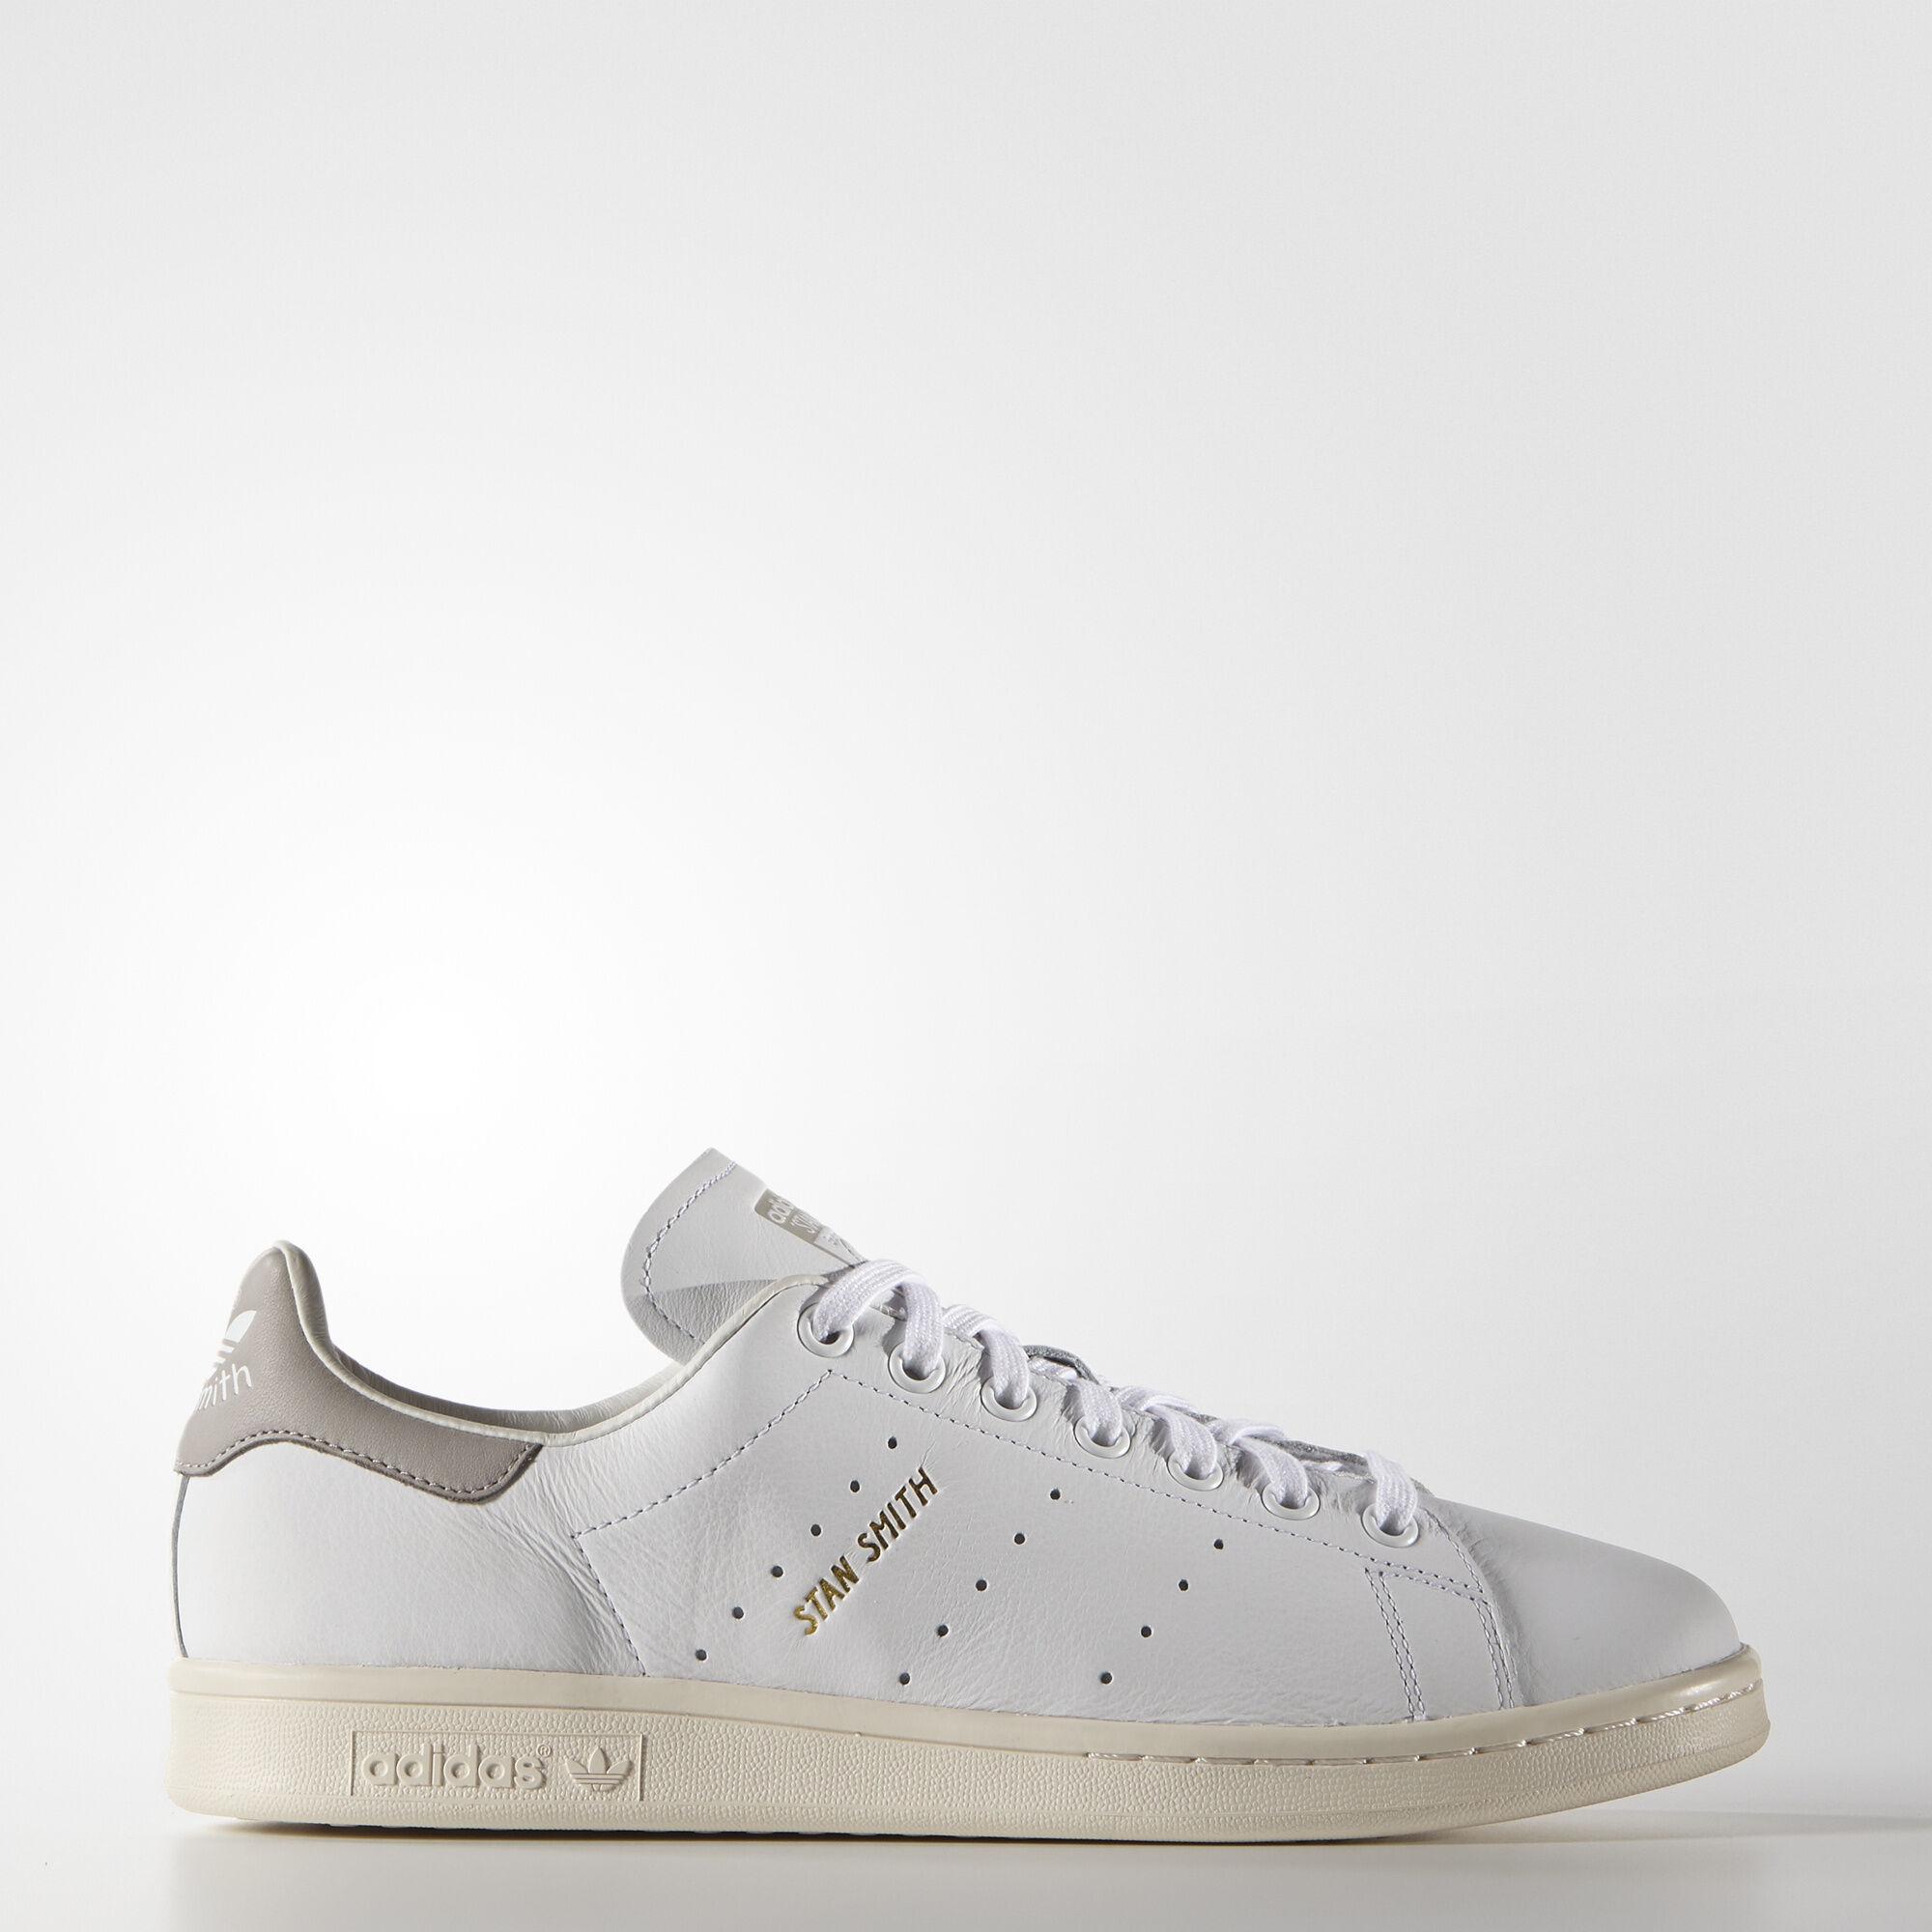 Adidas Schwarz Weiß Schuhe